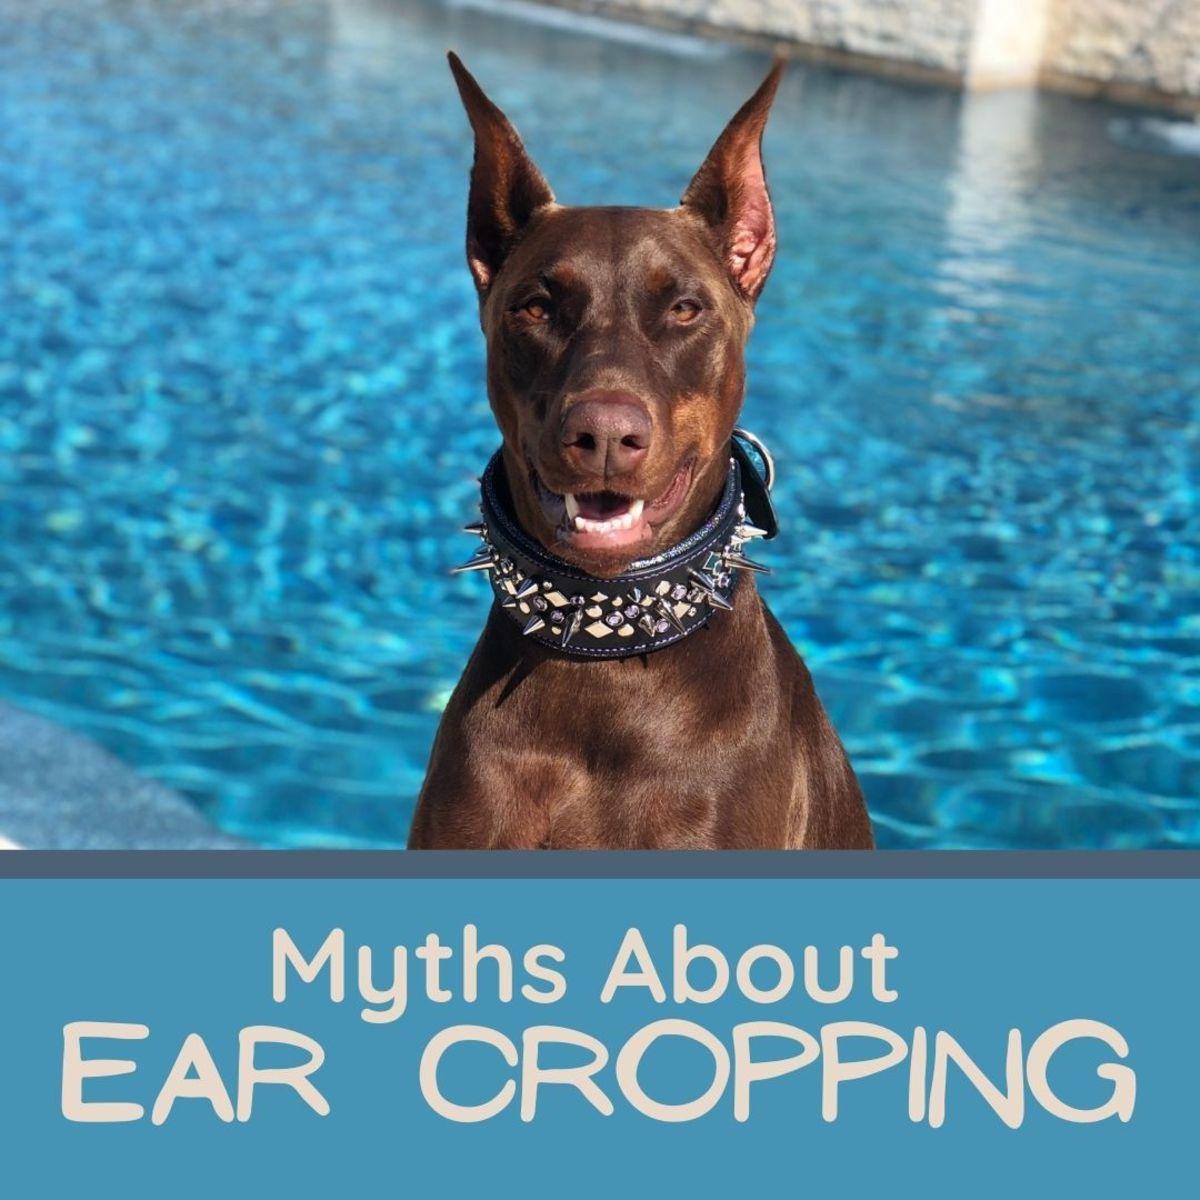 Does ear cropping hurt dogs? Is it cruel?